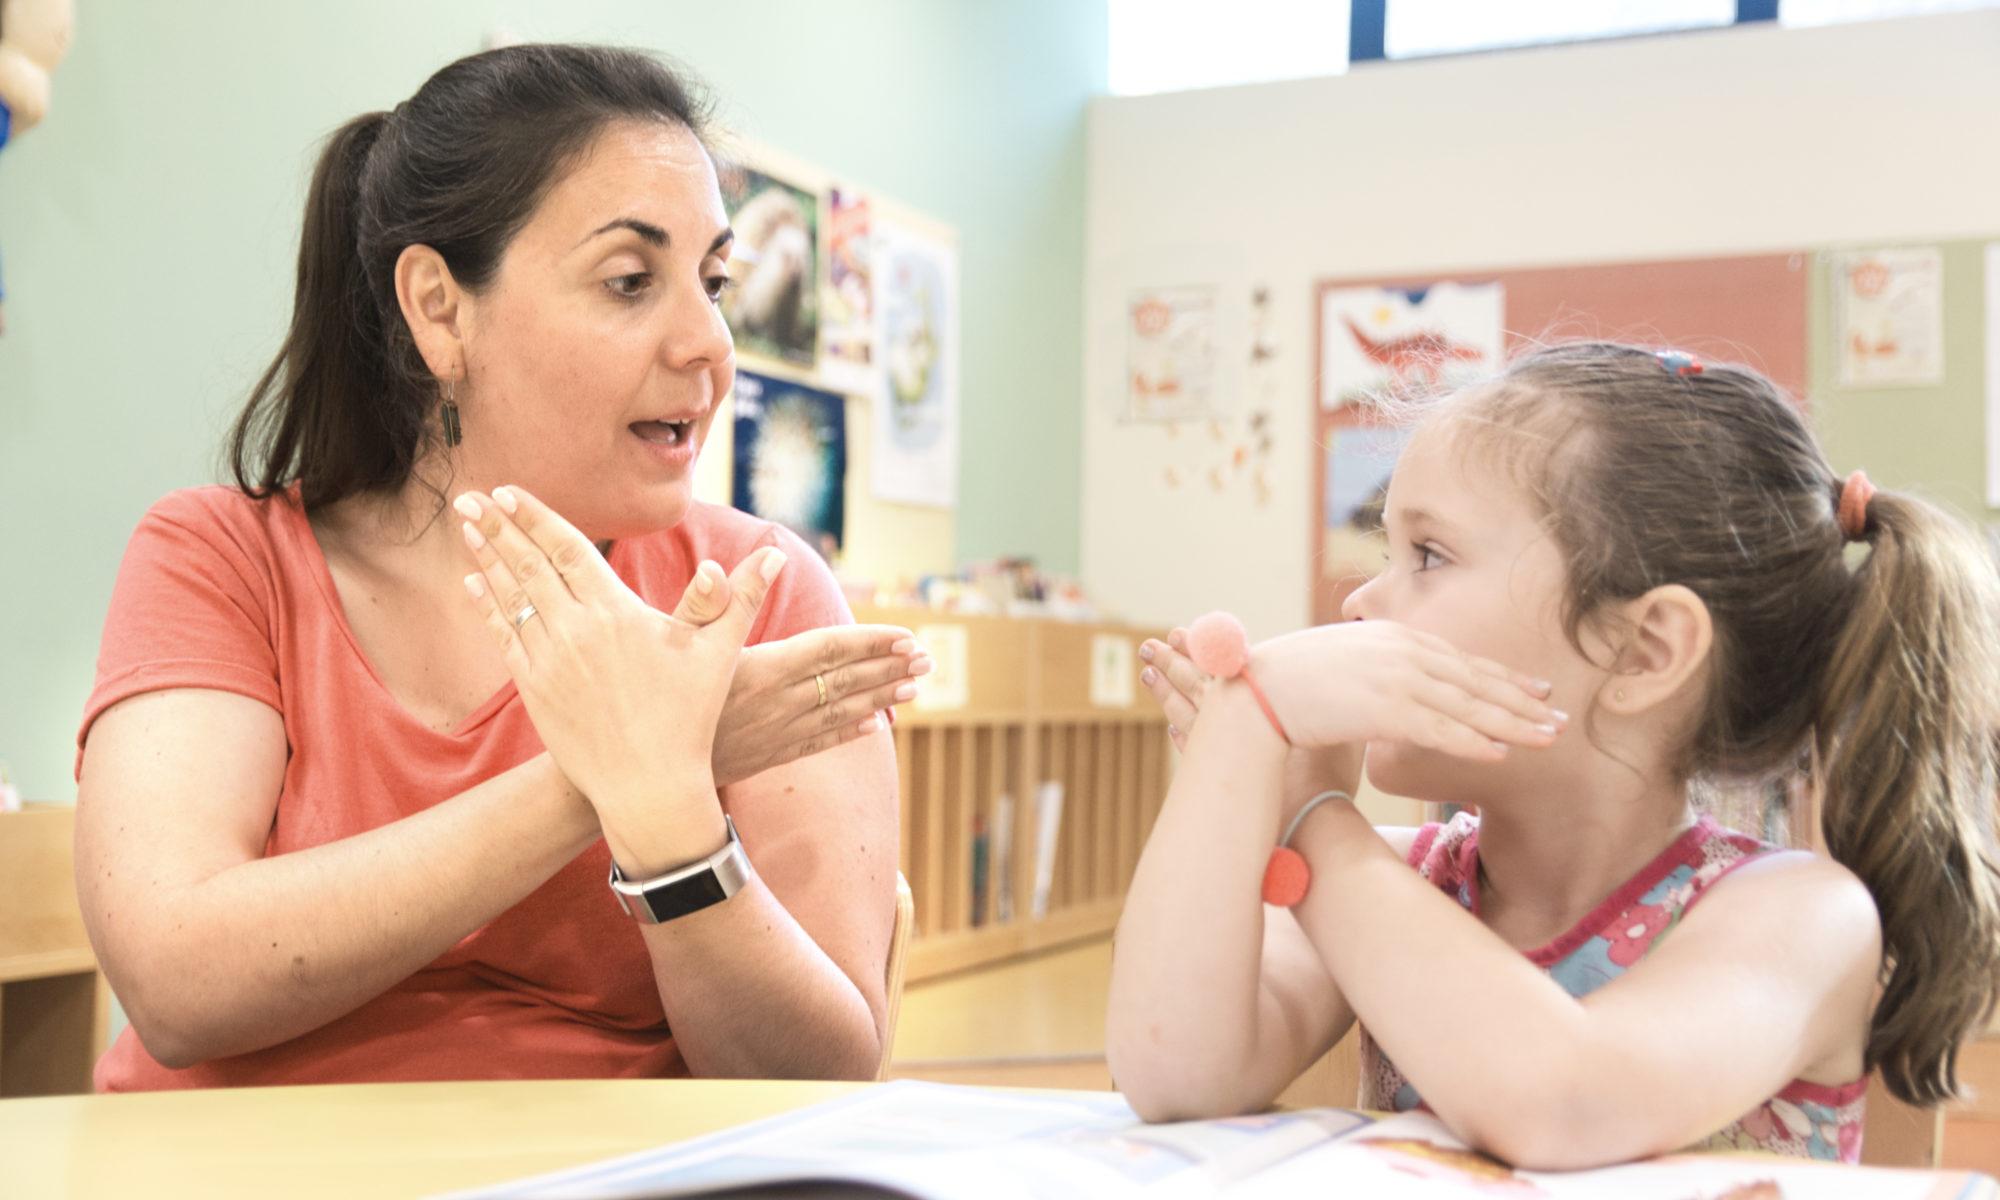 AdobeStock 276104136 2000x1200 - Sozialhilfe: Anrecht auf Hörurlaub und Gebärdensprachkurs trotz Cochlea-Implantat